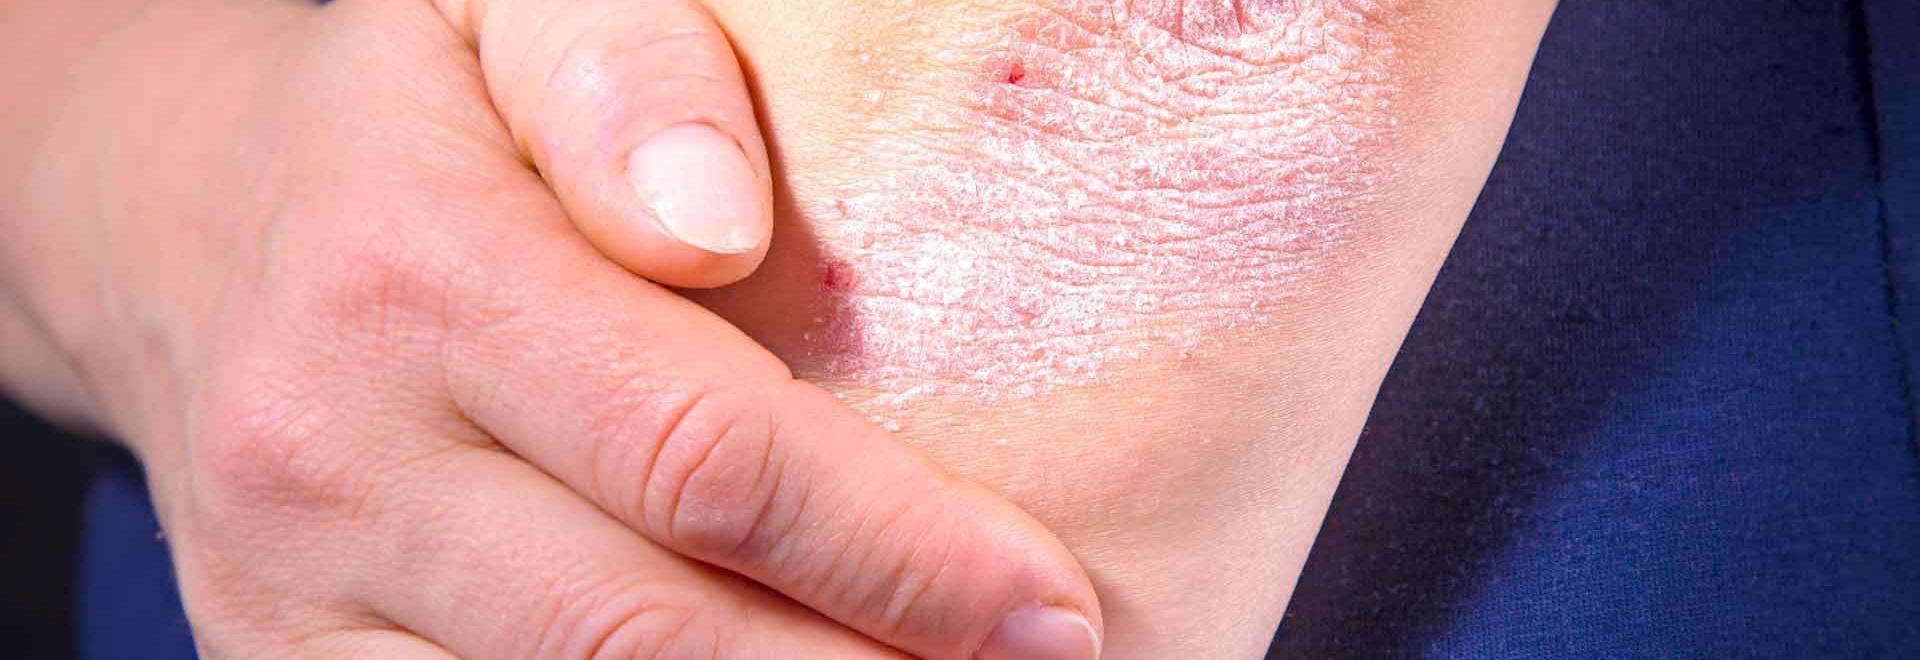 Crèmes naturelles pour traiter le psoriasis - Crèmes naturelles pour traiter le psoriasis